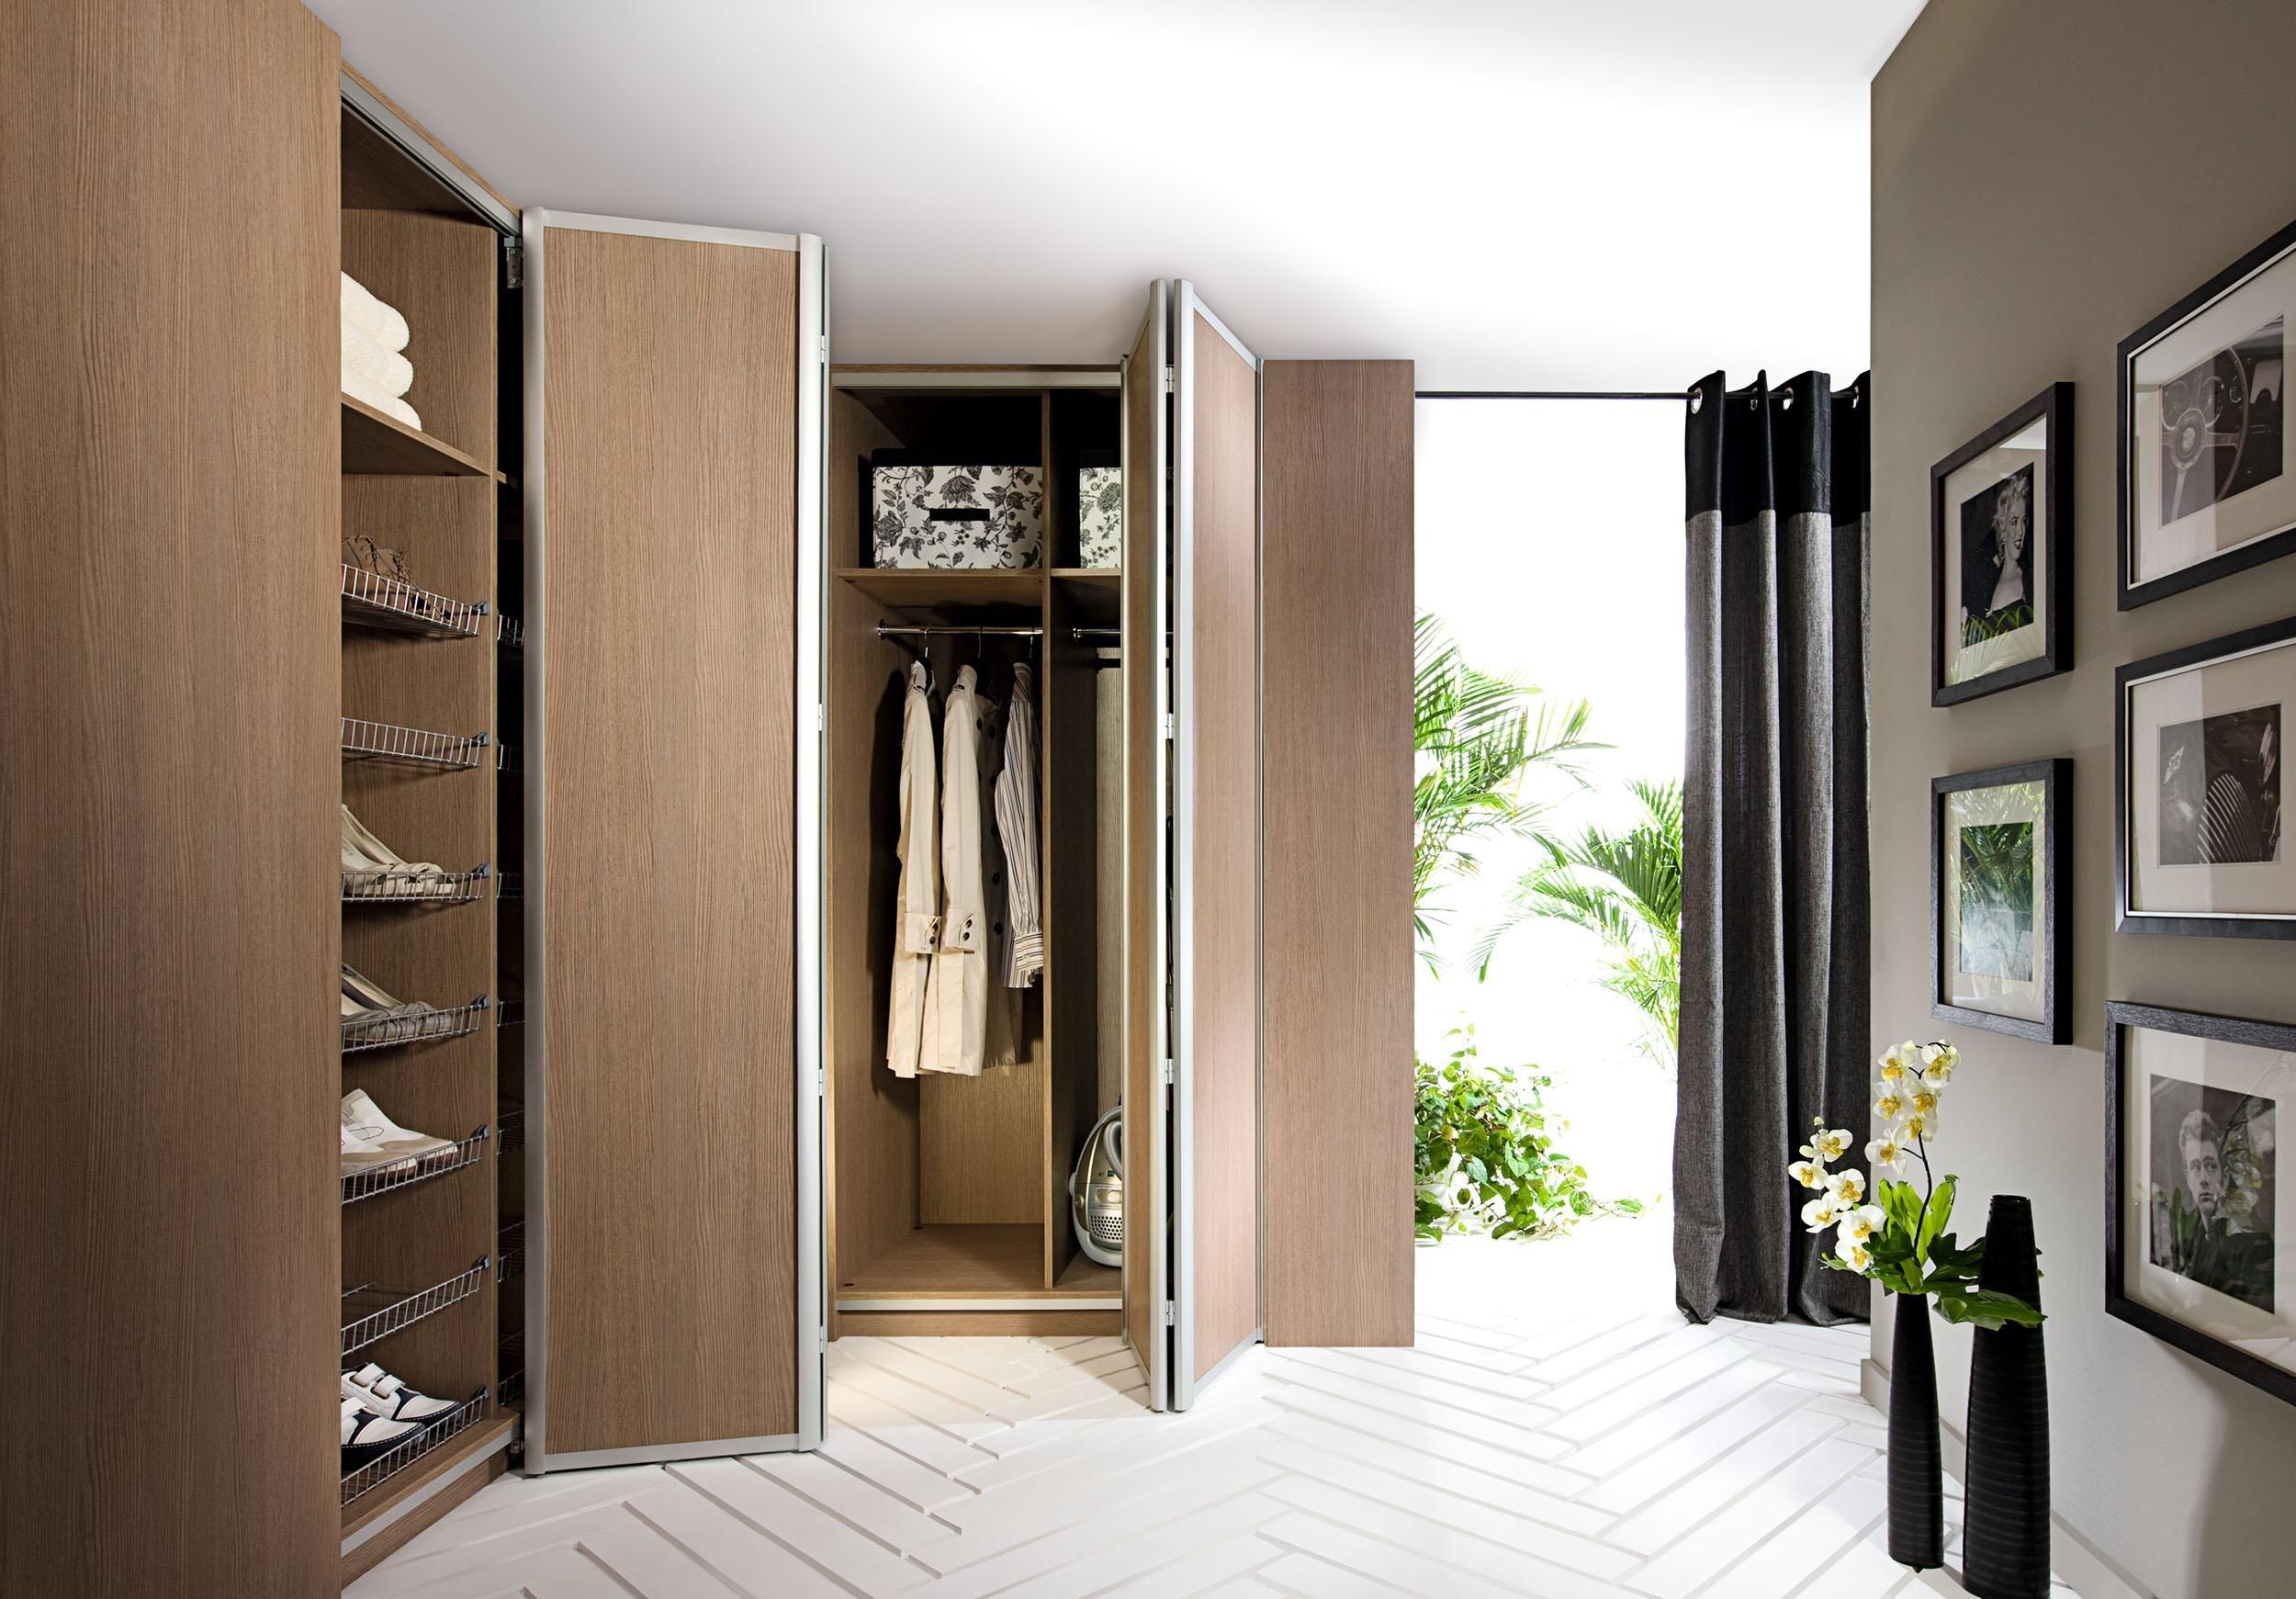 Складная система дверей для шкафов купе балтийский шкаф: куп.